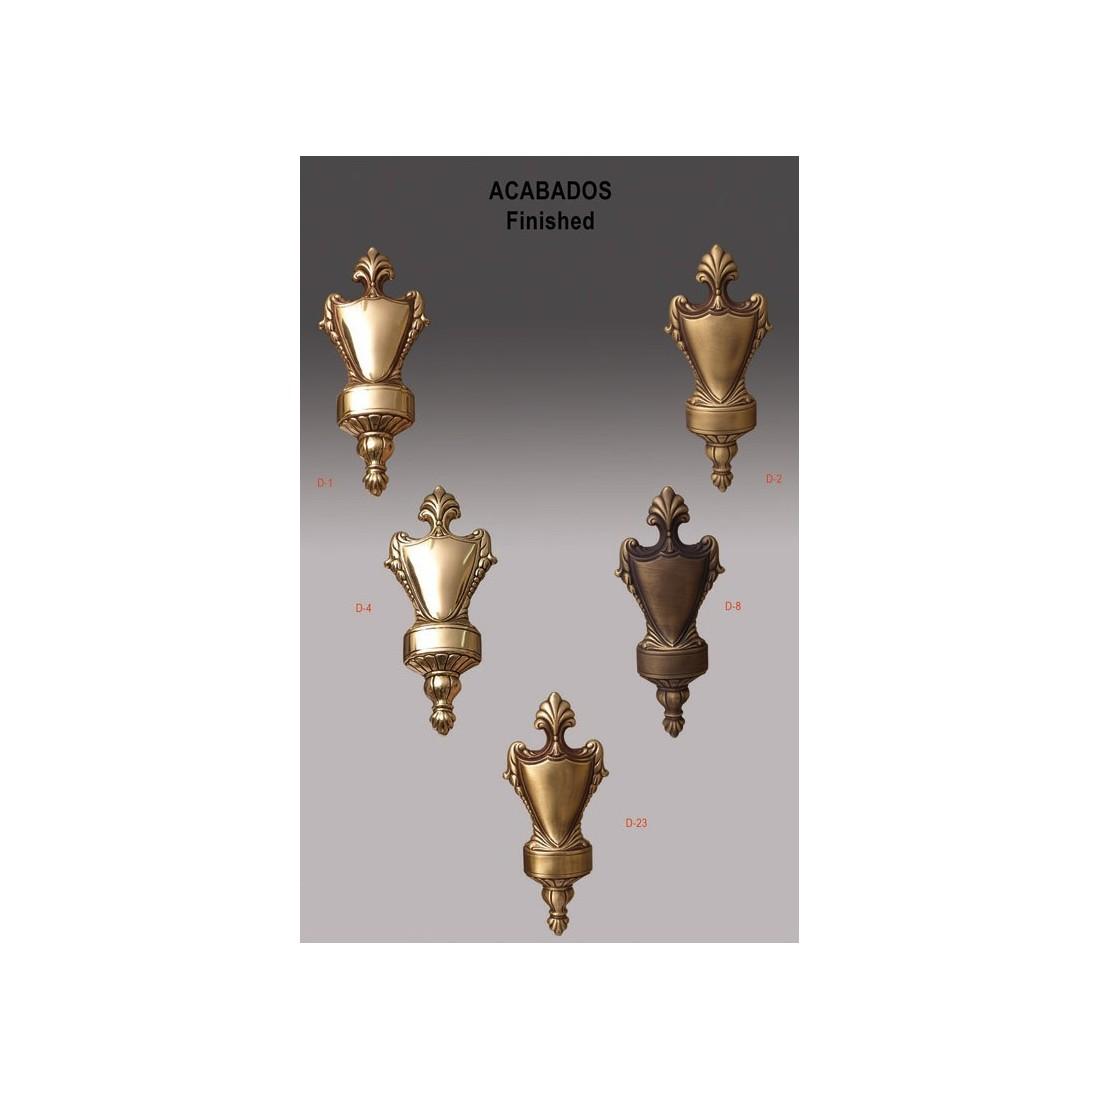 Tienda online de l mparas de bronce fabricadas en espa a - Ofertas lamparas techo ...